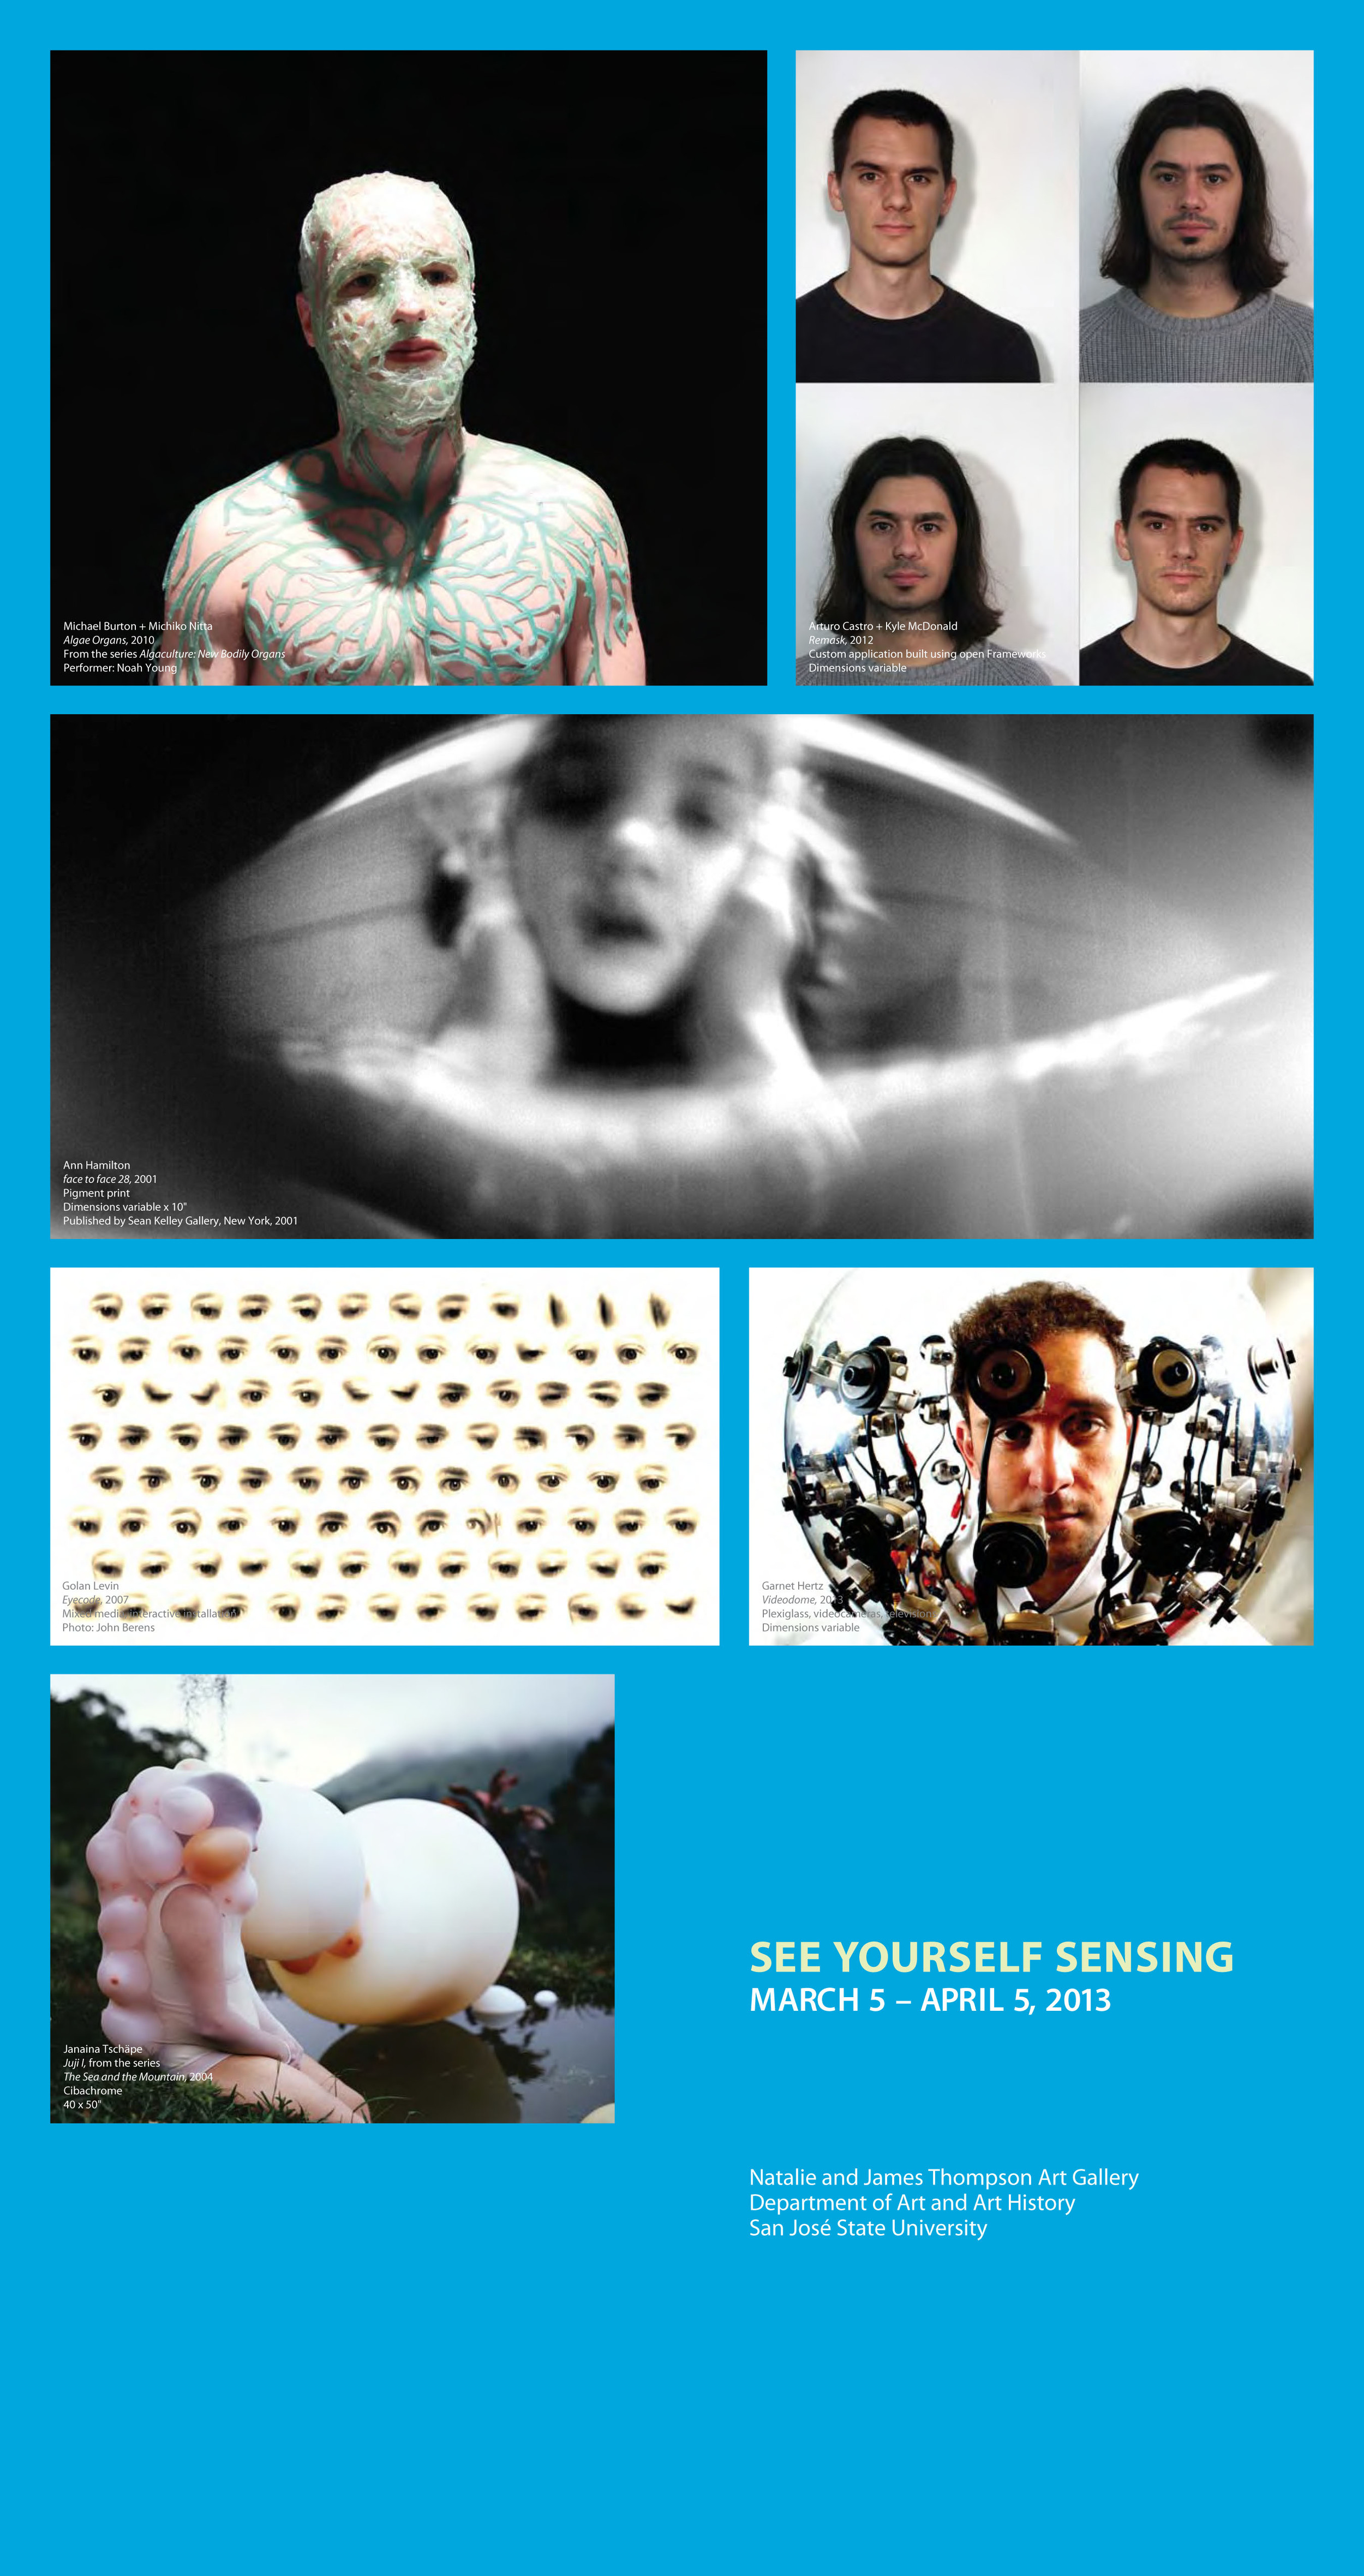 See Yourself Sensing poster, San Jose State University